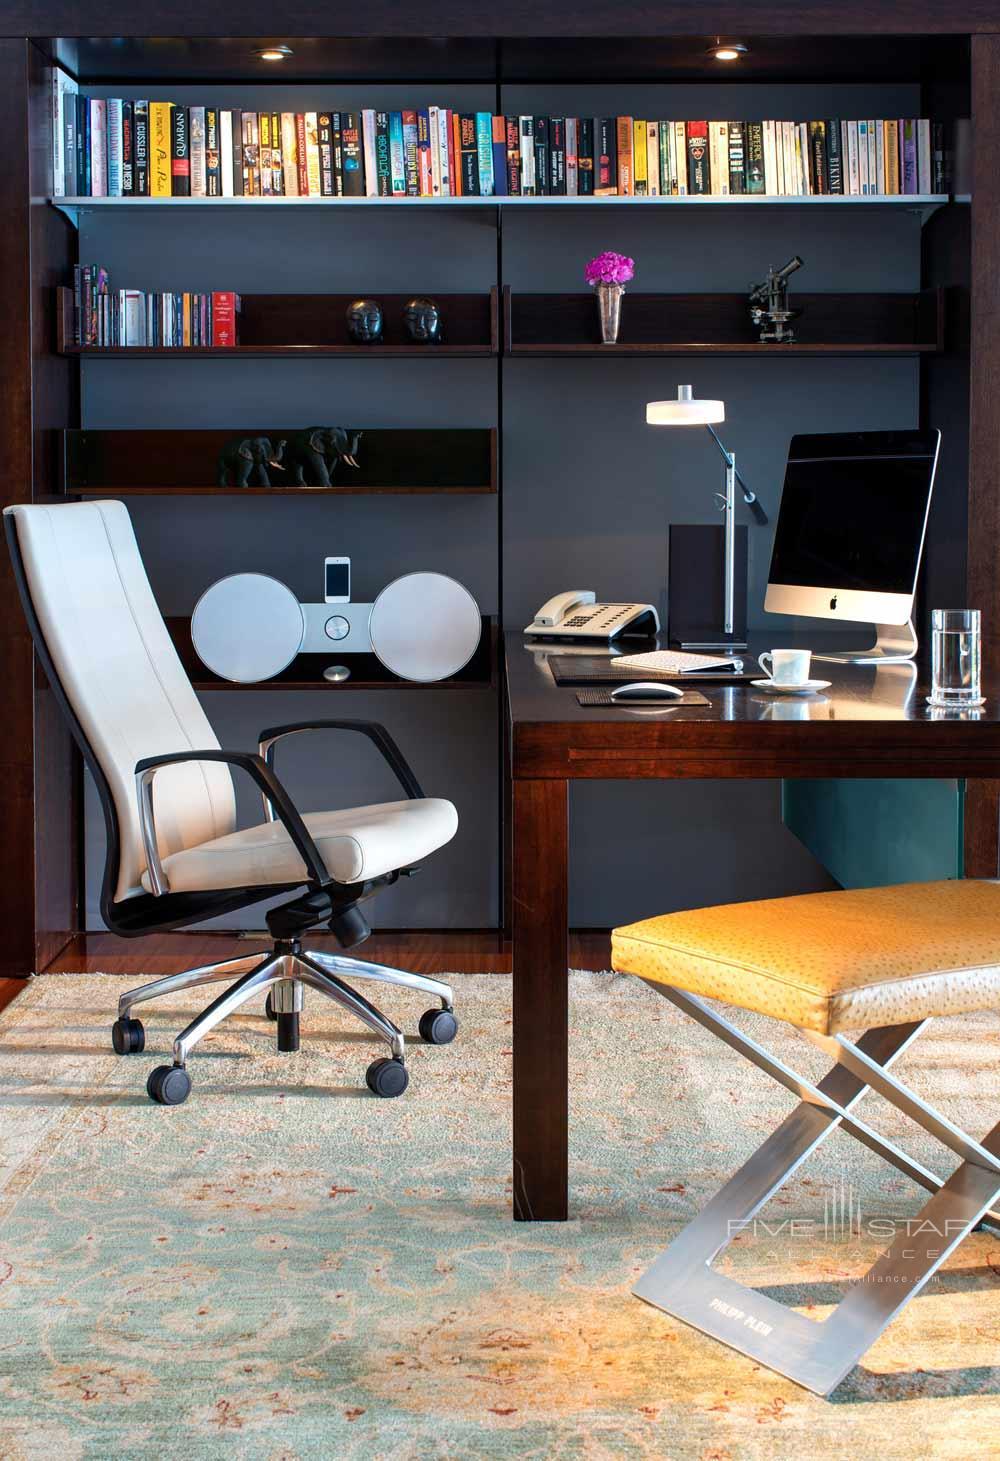 Guest Room Office Space at Porto Zante Villas and Spa ZakynthosGreece